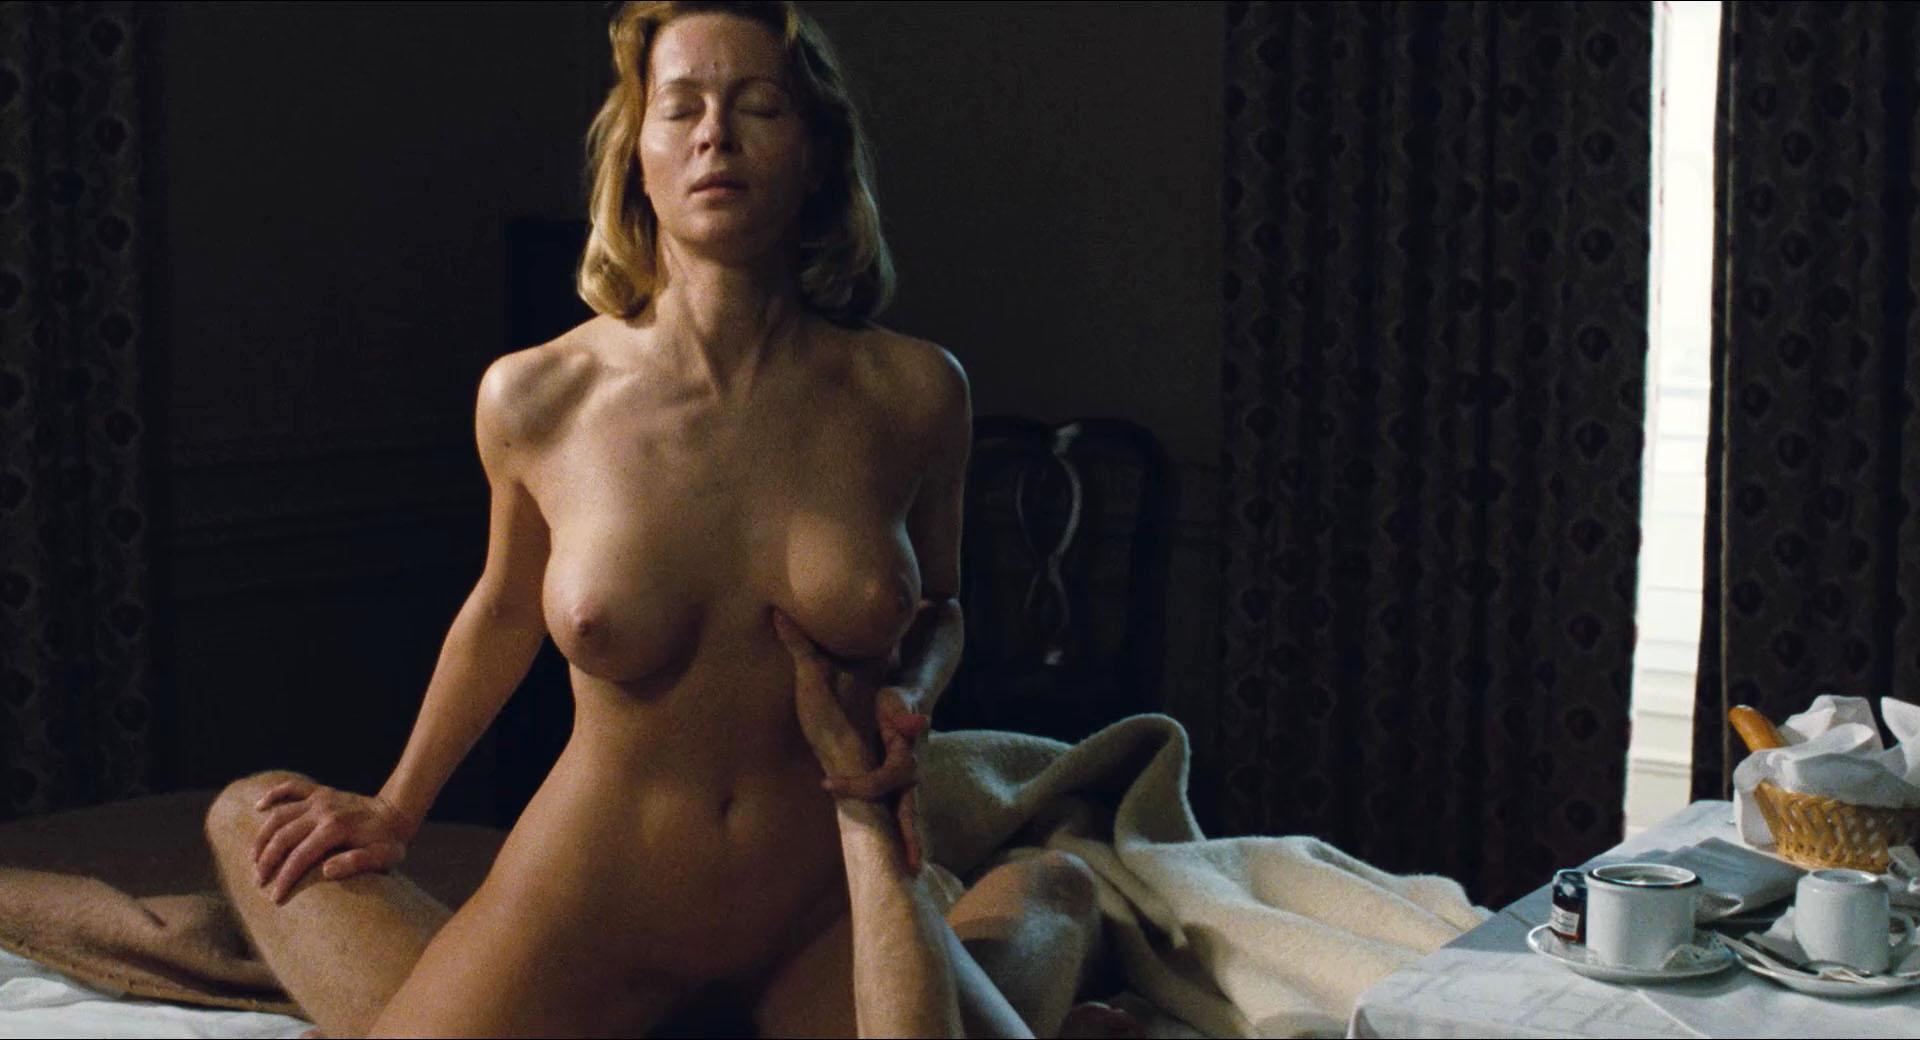 vollbusige bruenette nackt